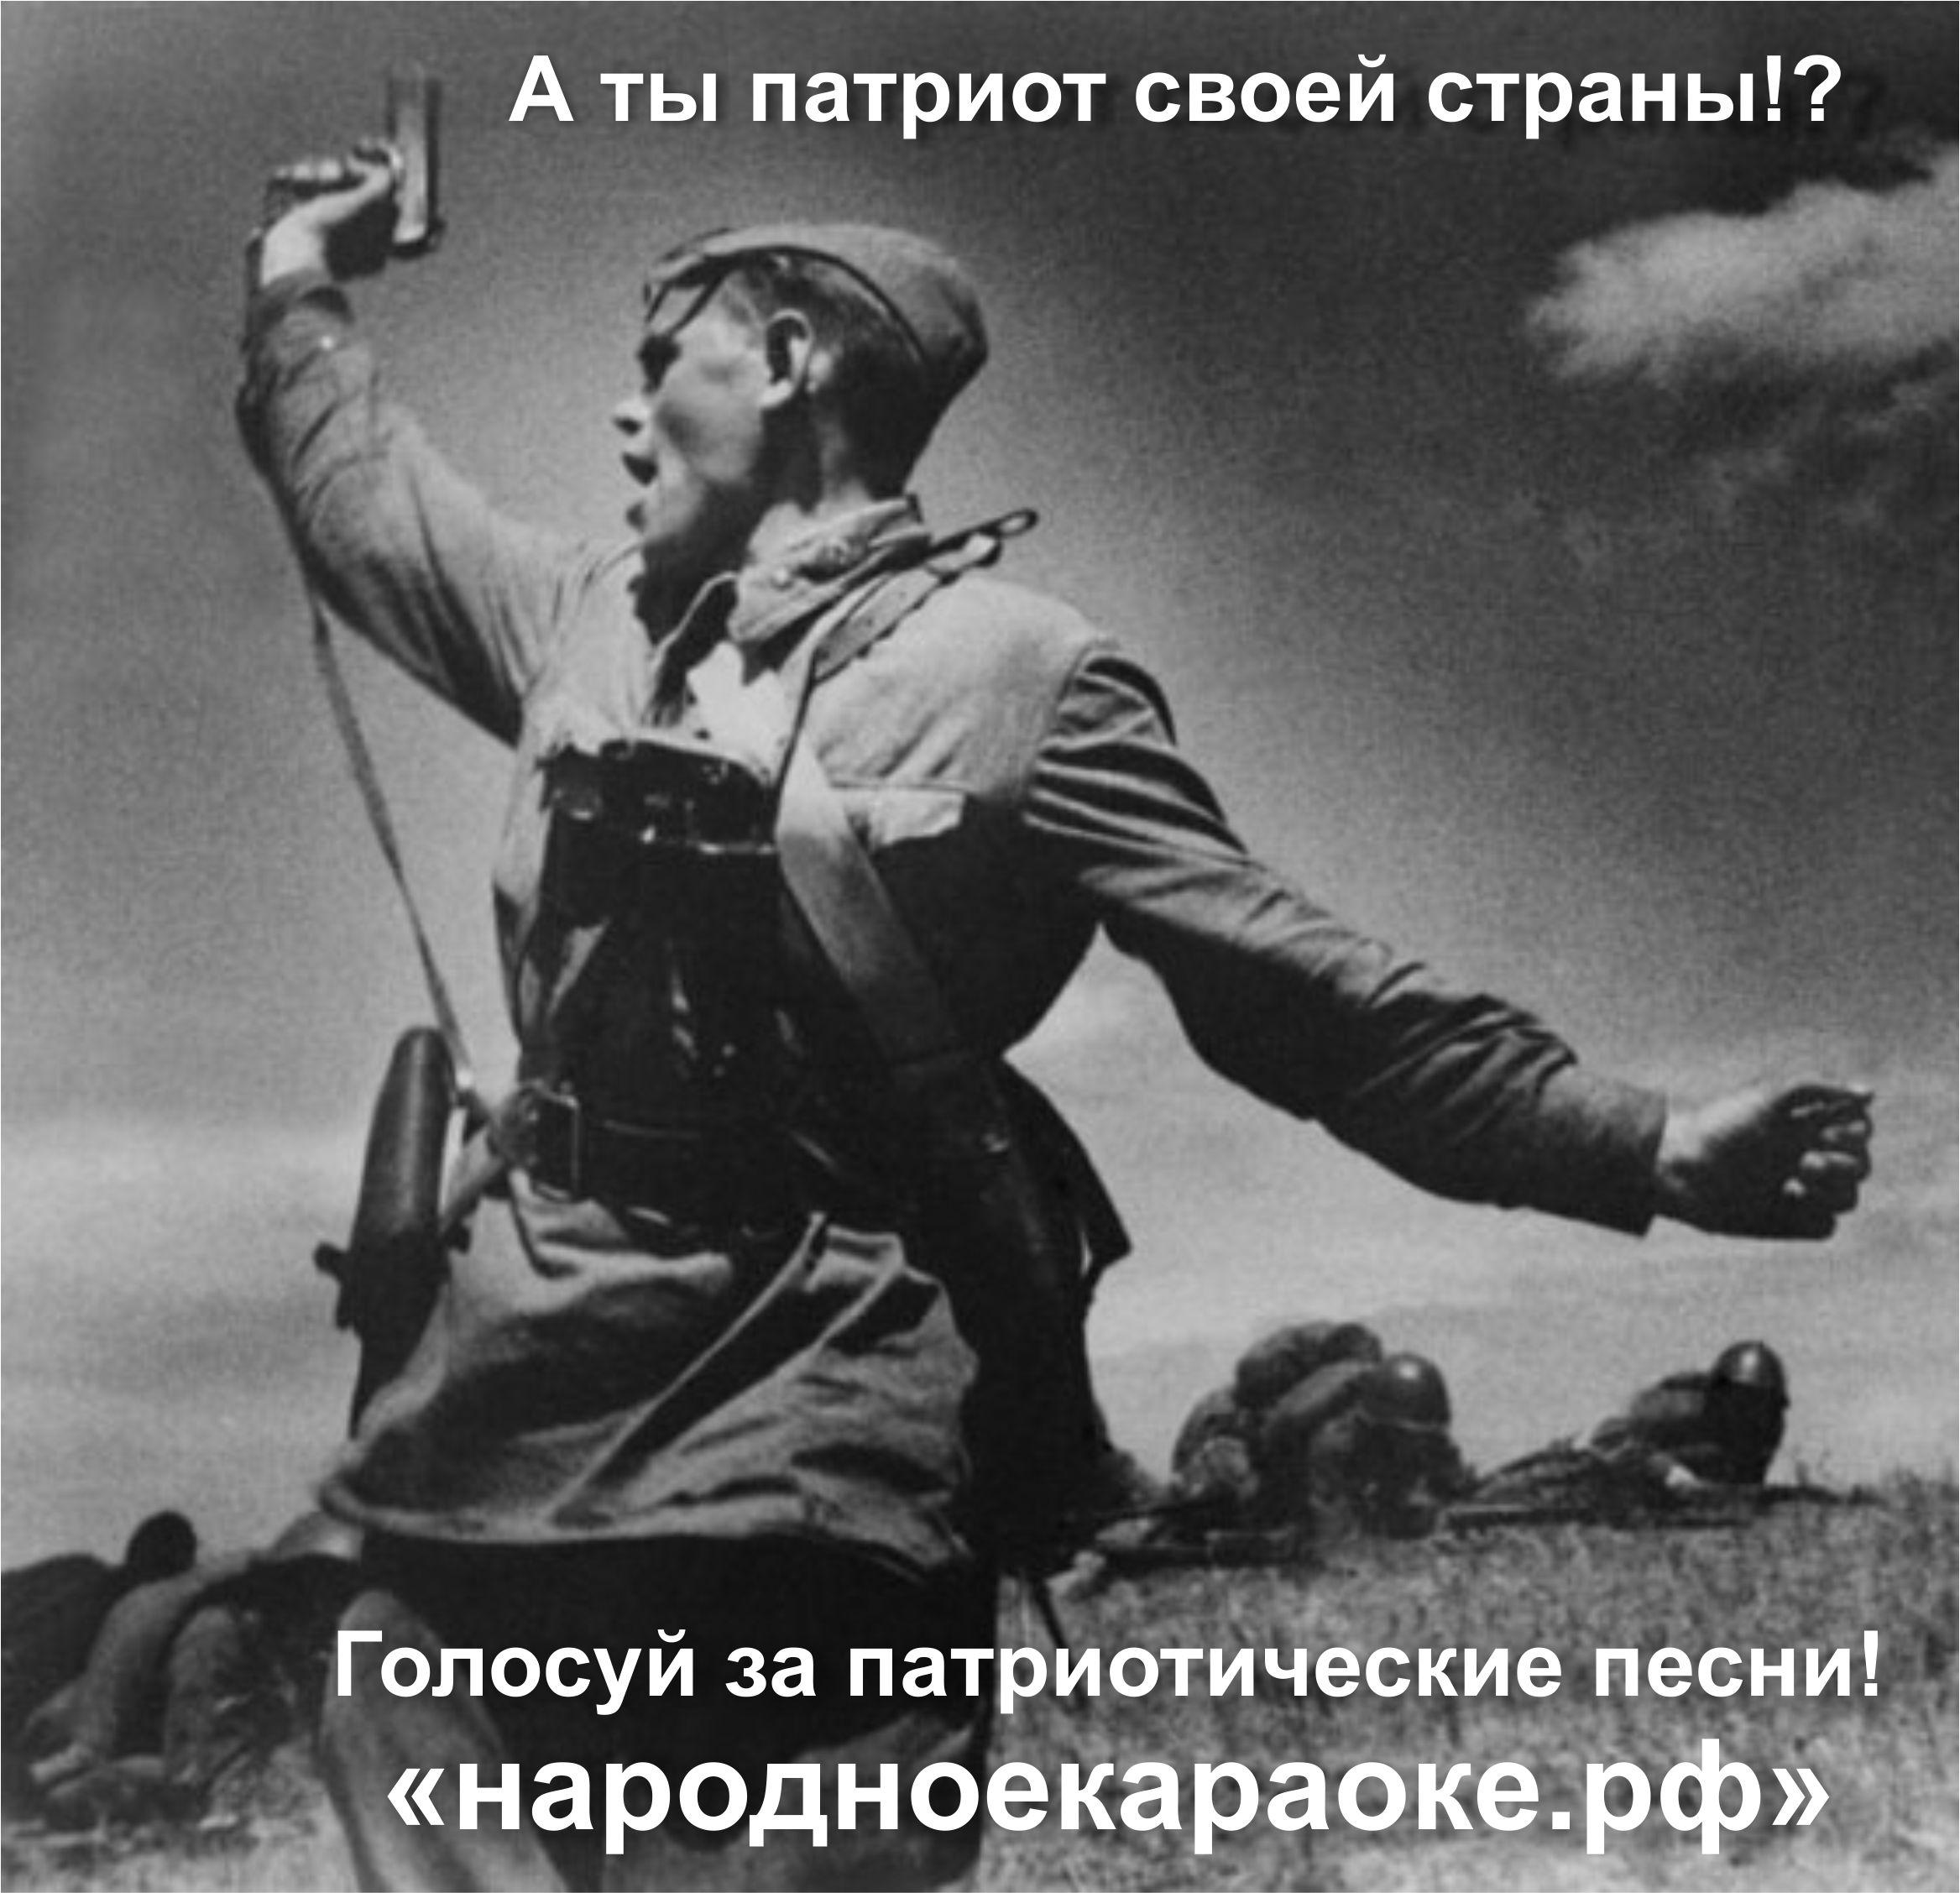 Предлагаю вам посмотреть подборку фотографий времен Великой Отечественной Войны 1941-1945гг,и чуть-чуть иначе...